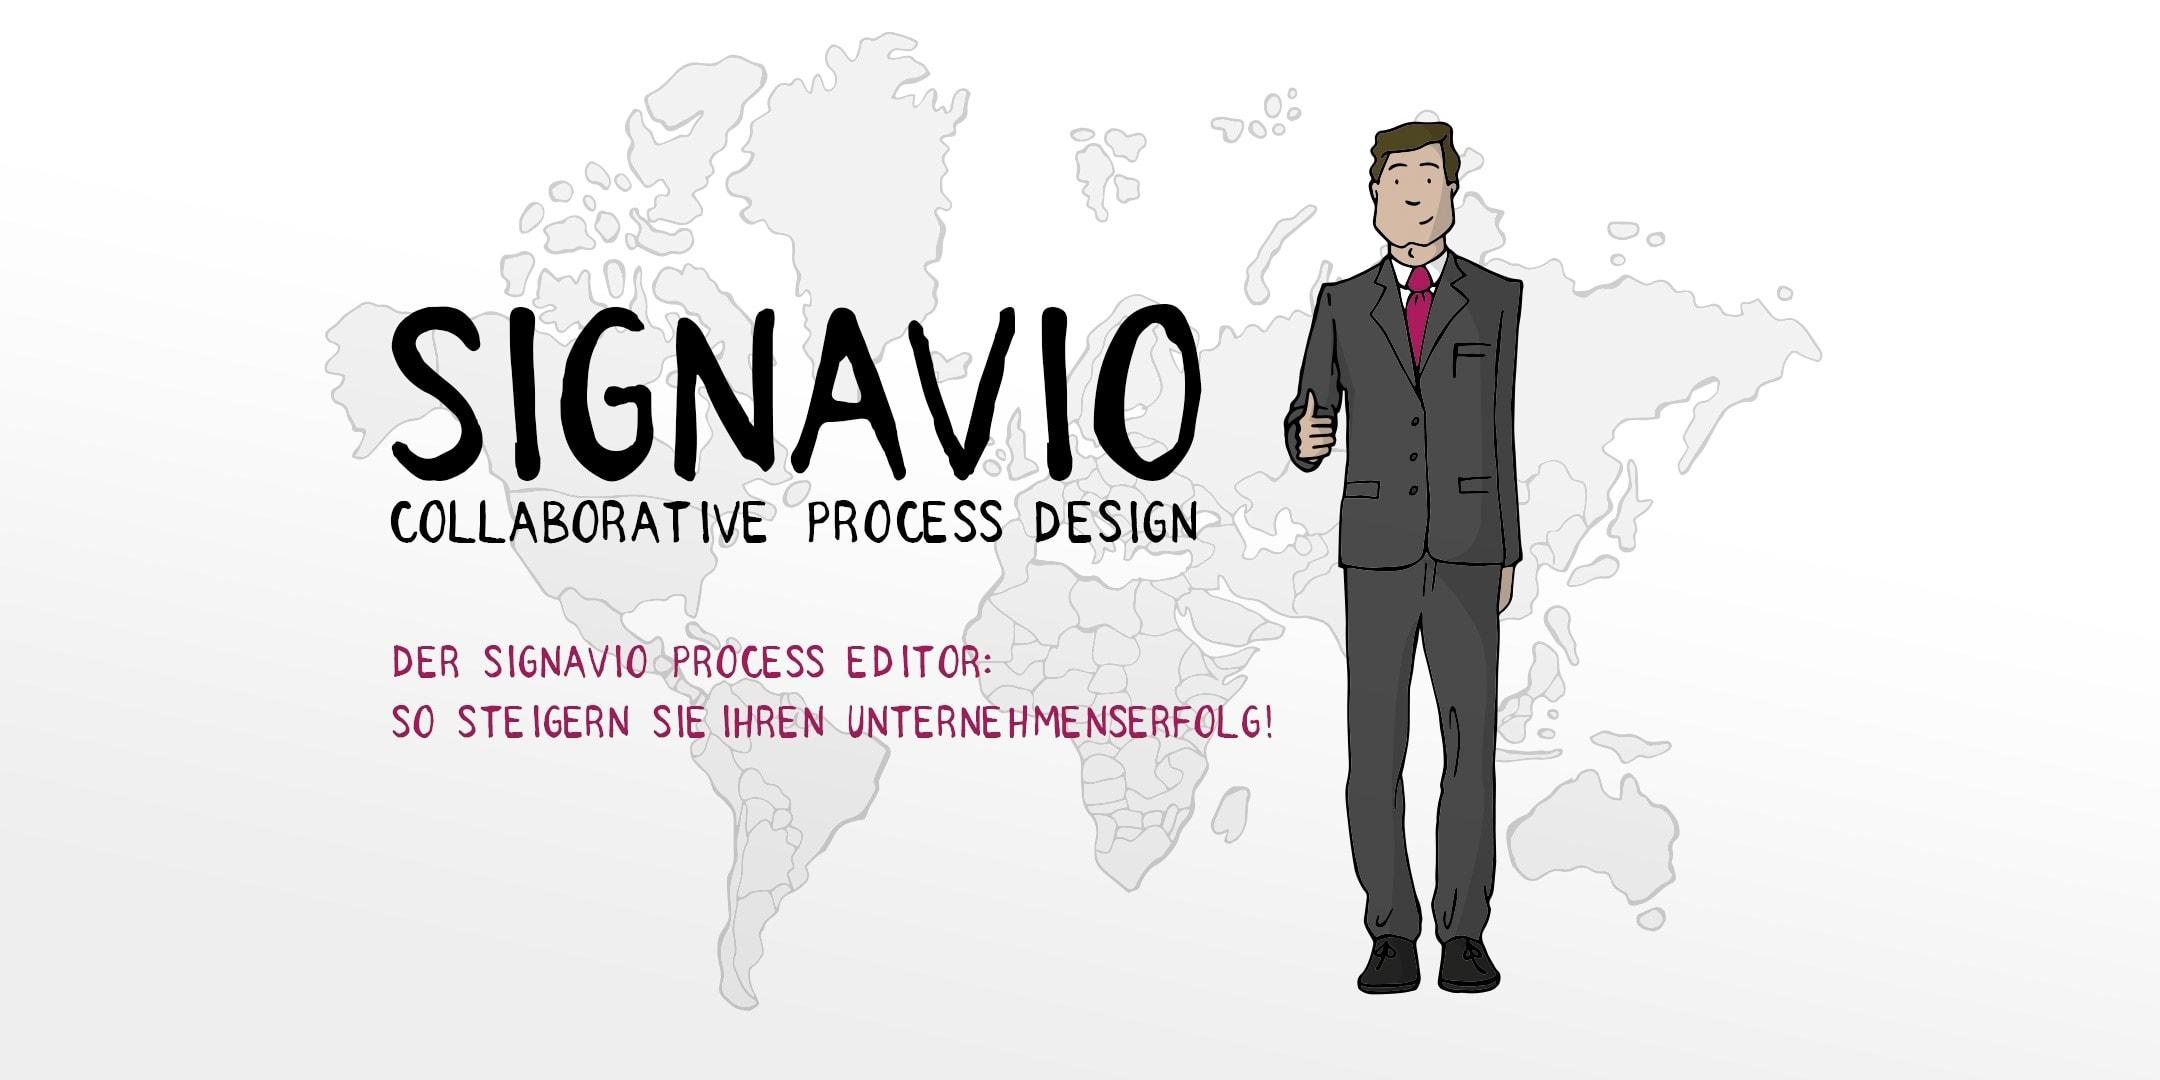 Signavio Process Editor Einführungsvideo – Der Signavio Process Editor – So steigern Sie Ihren Unternehmenserfolg!